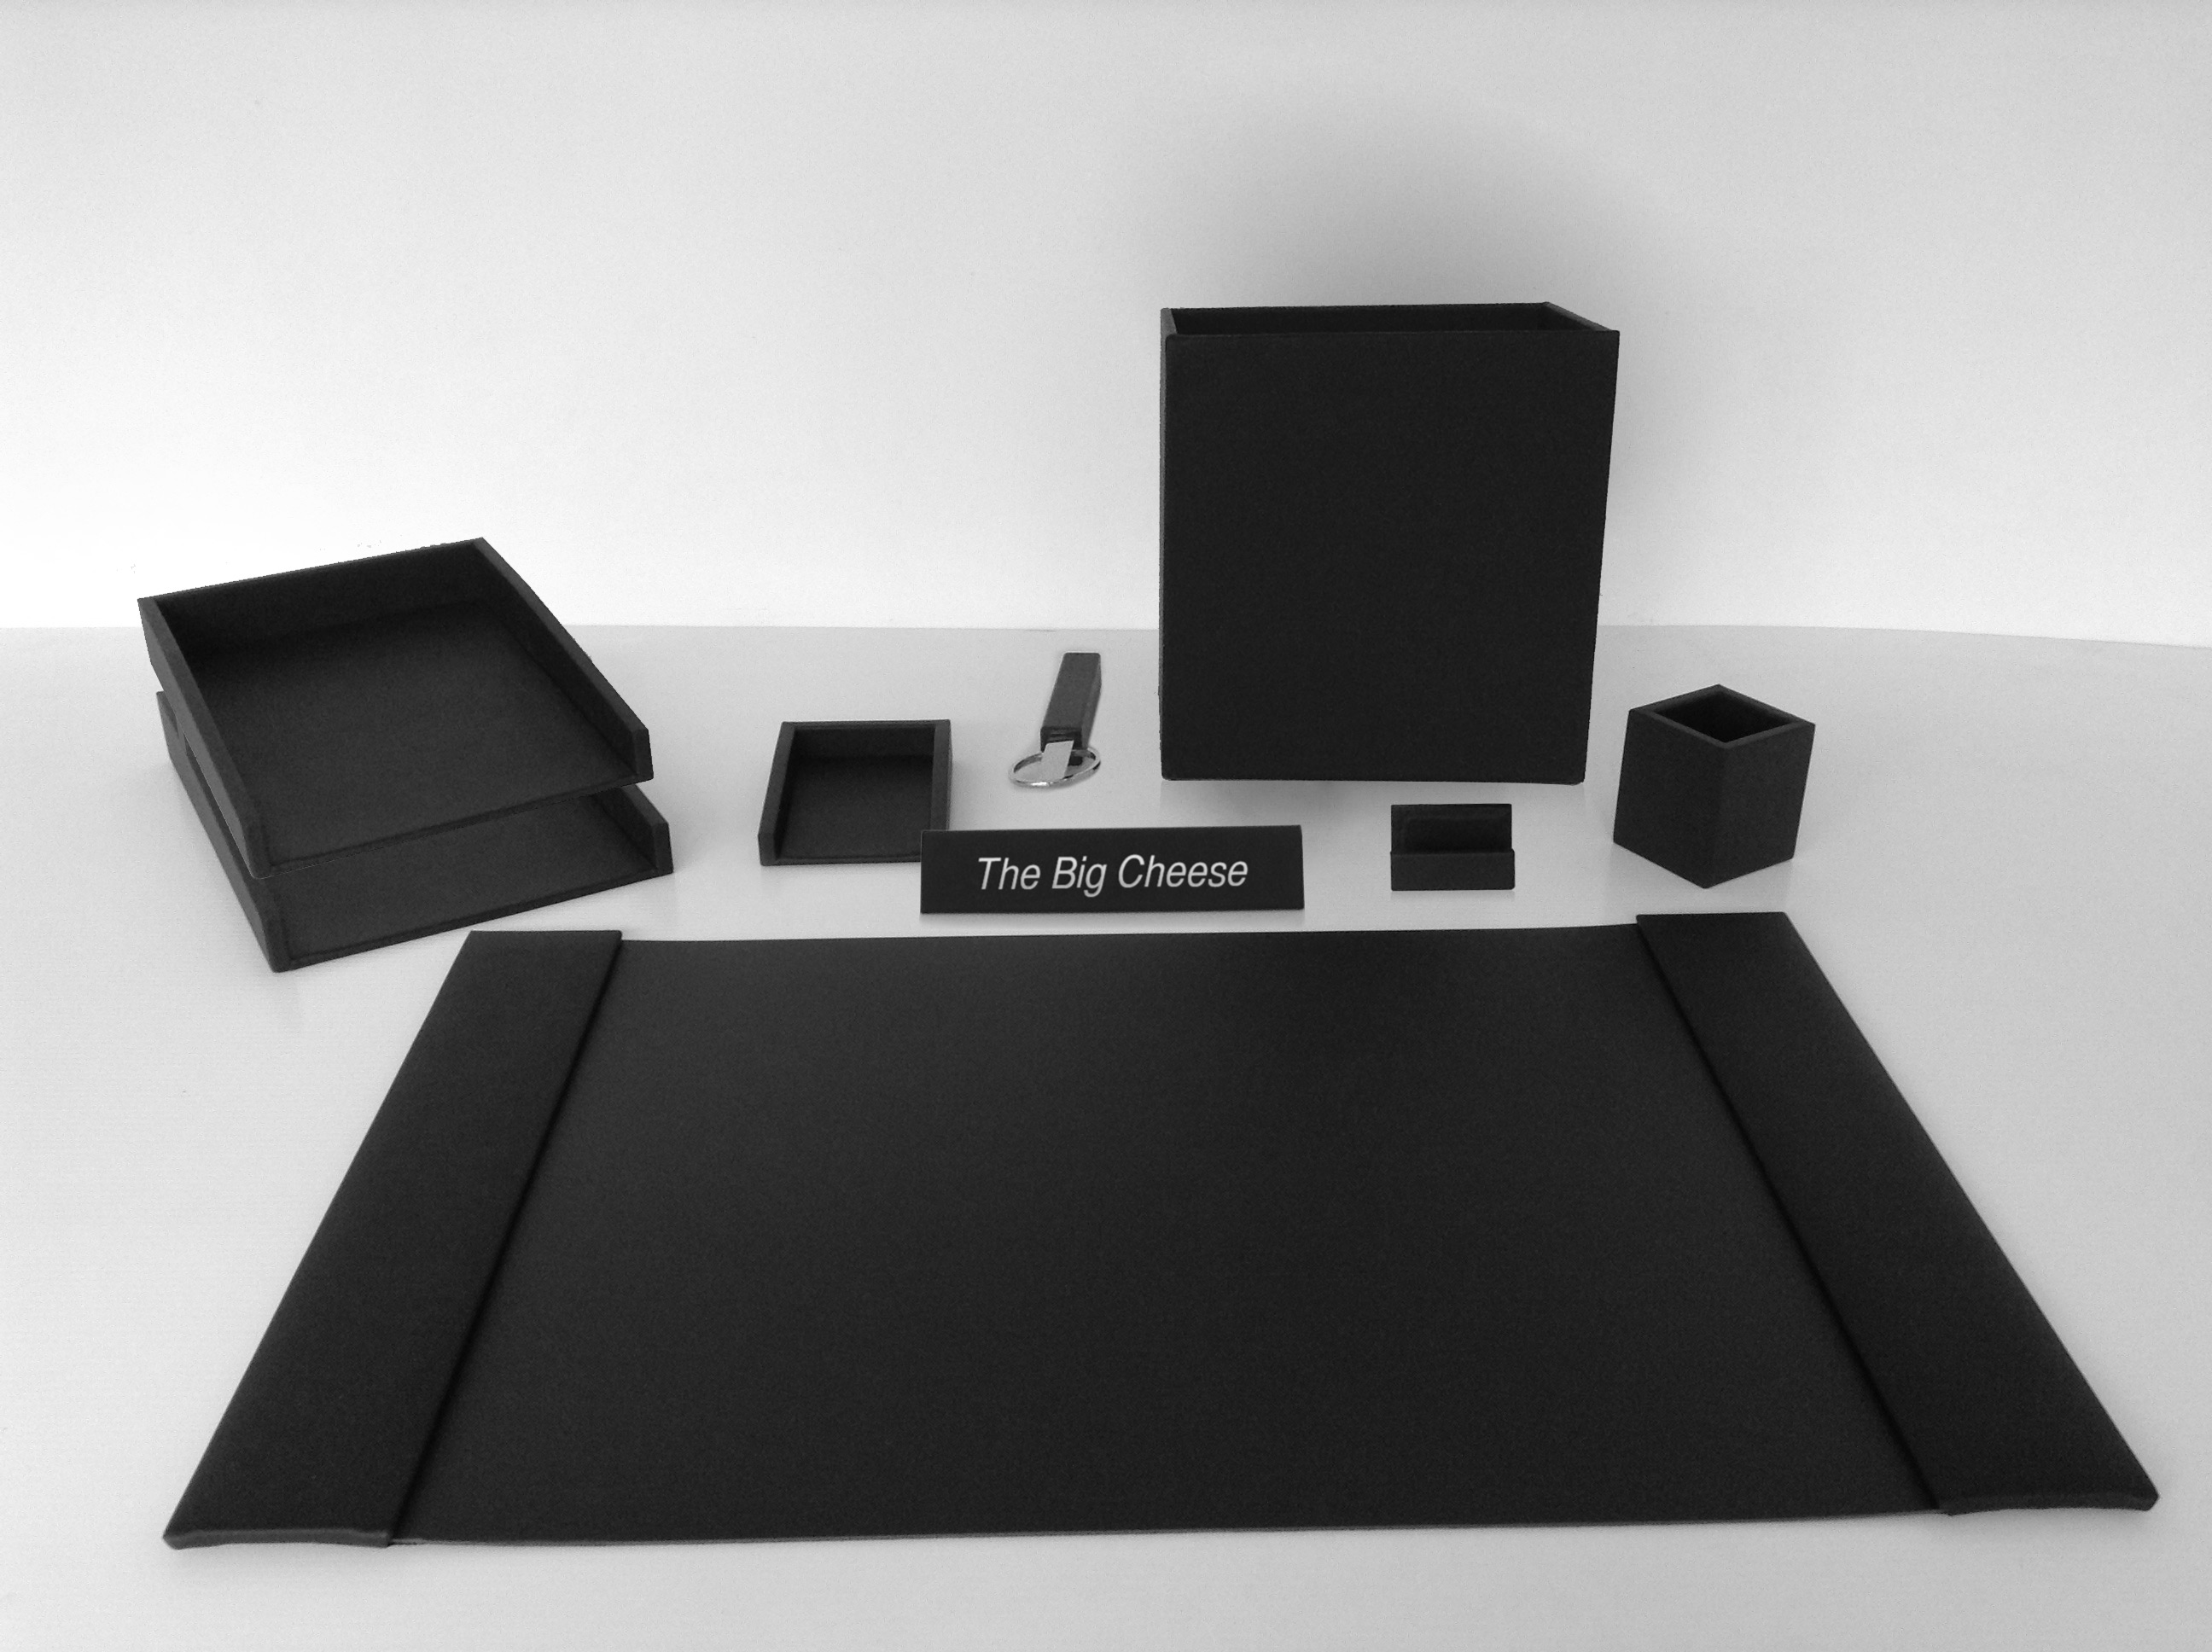 The Big Cheese Leather Desk Set Prestige fice Accessories